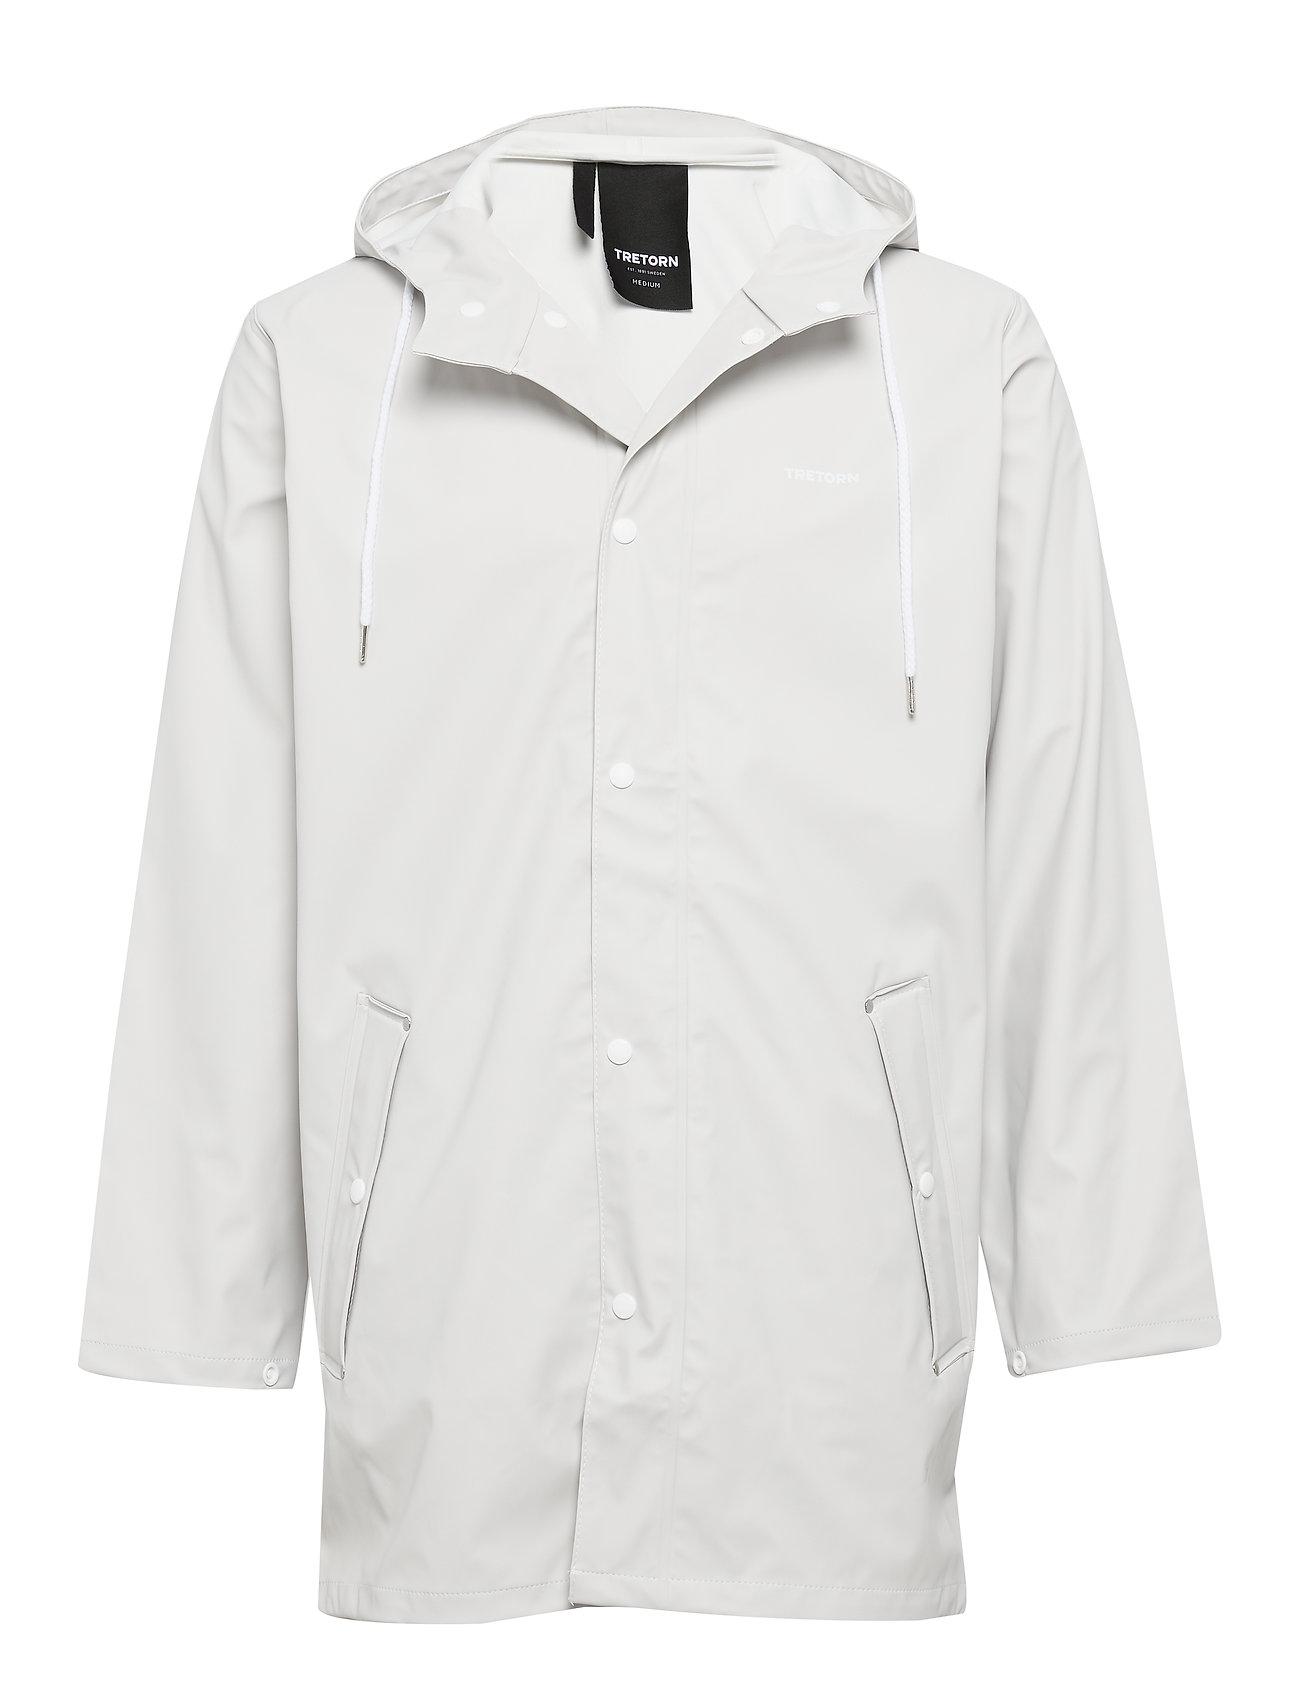 326ffb2d7832 Wings Rainjacket (041 chalk) (£60.75) - Tretorn -